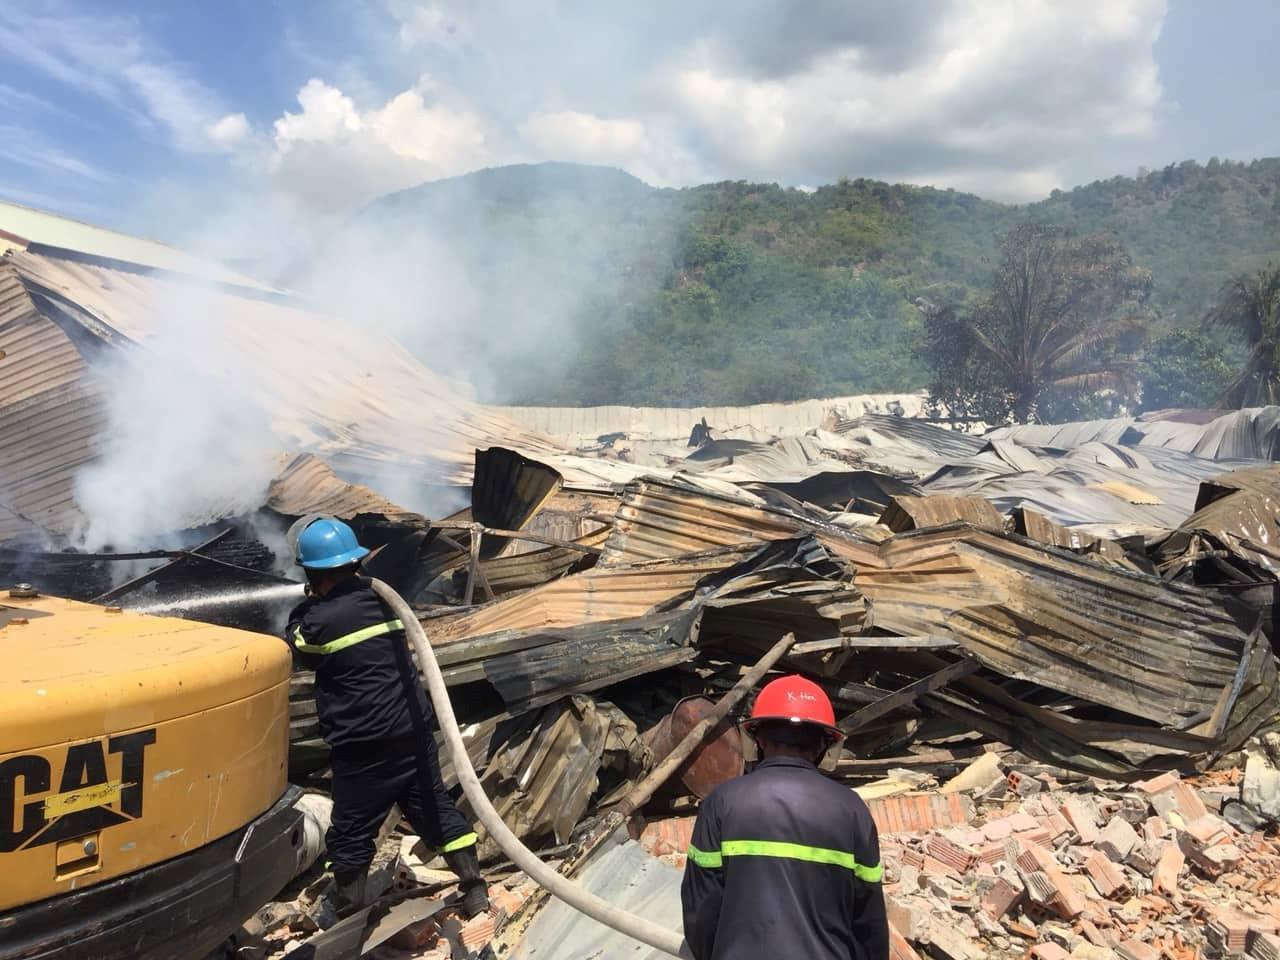 Hỏa hoạn ở xưởng chế biến gỗ, nhiều tài sản bị thiêu rụi Ảnh 2